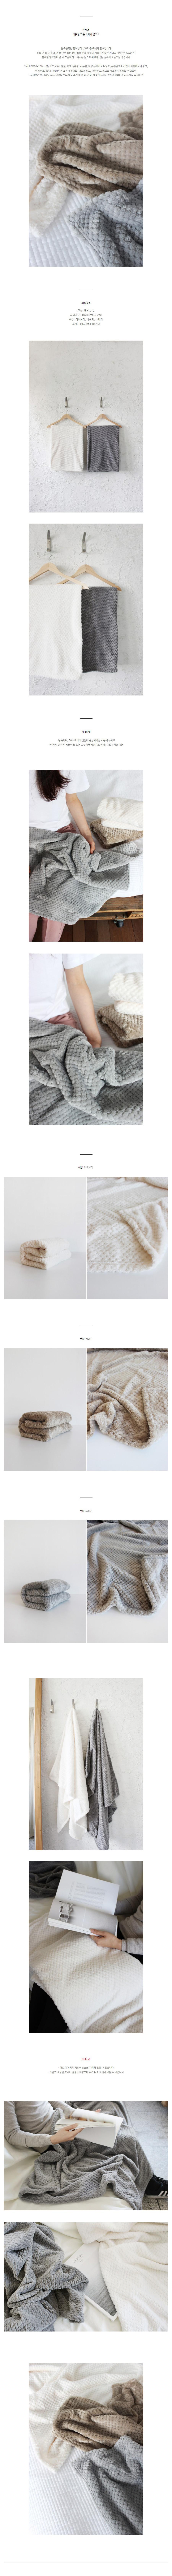 따뜻한 와플 극세사 담요 L(150x200) - 홈앳, 28,000원, 담요/블랑켓, 극세사 블랑켓